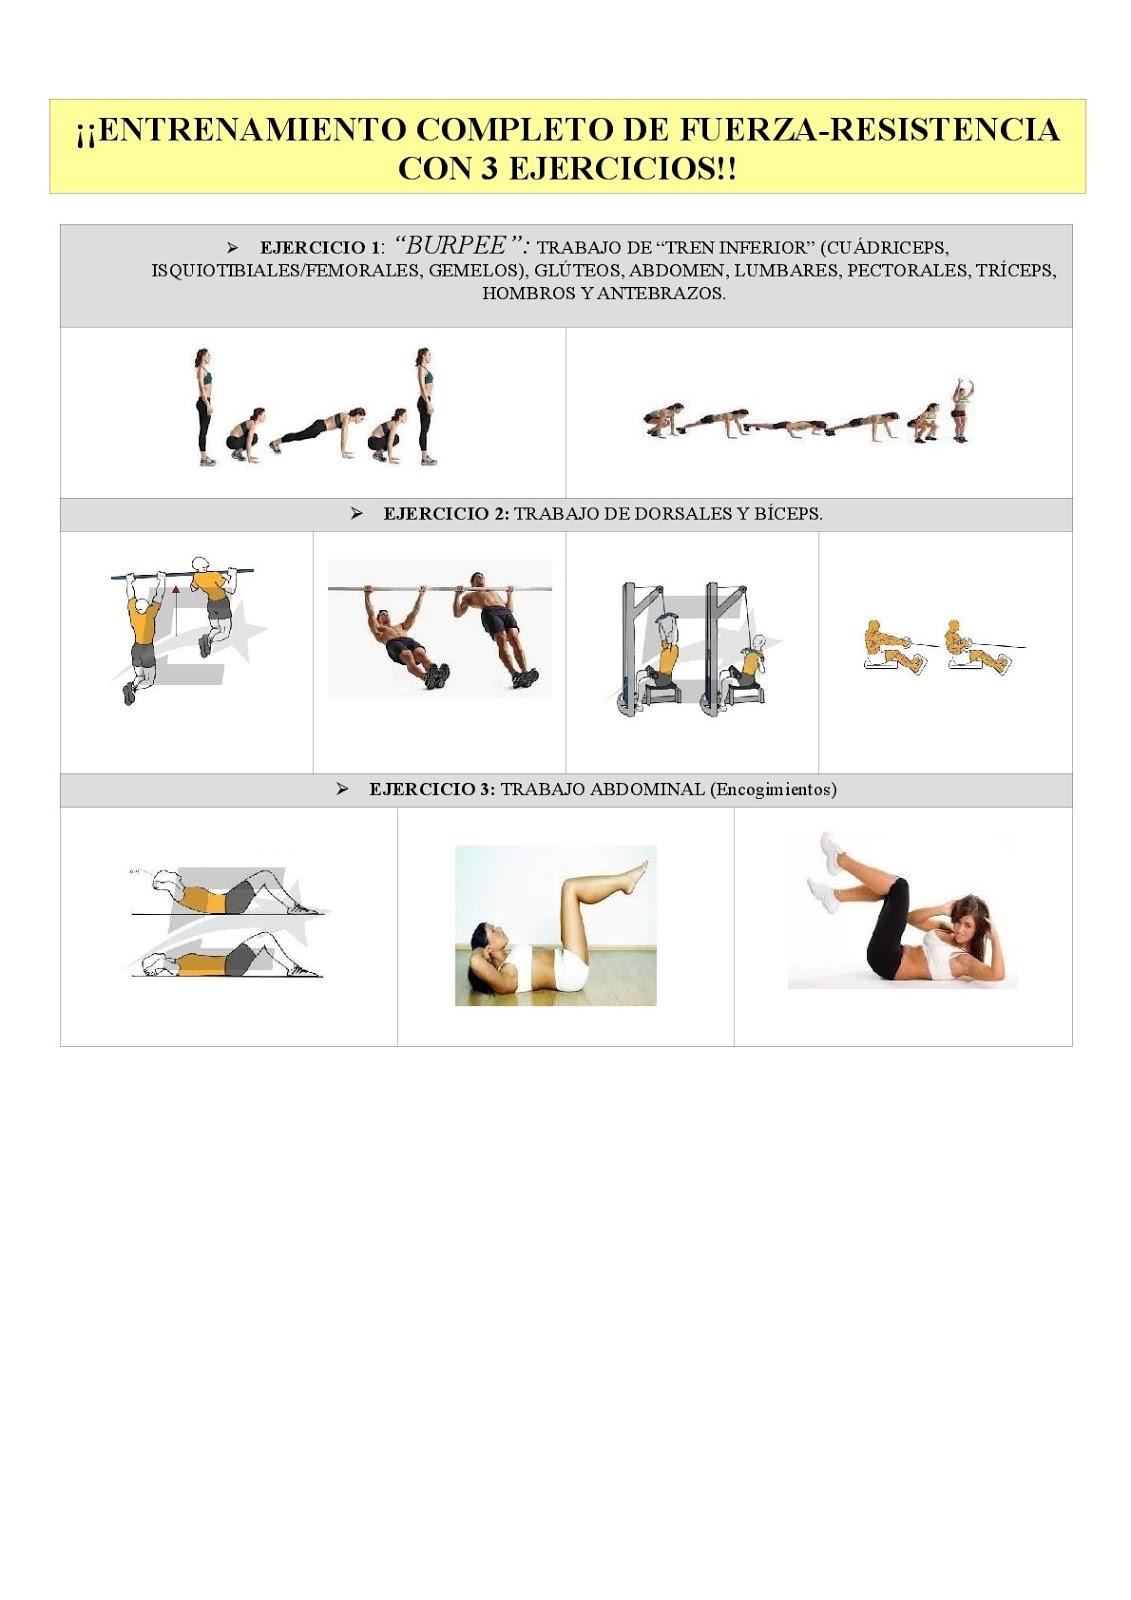 fuerza a la resistencia ejercicios